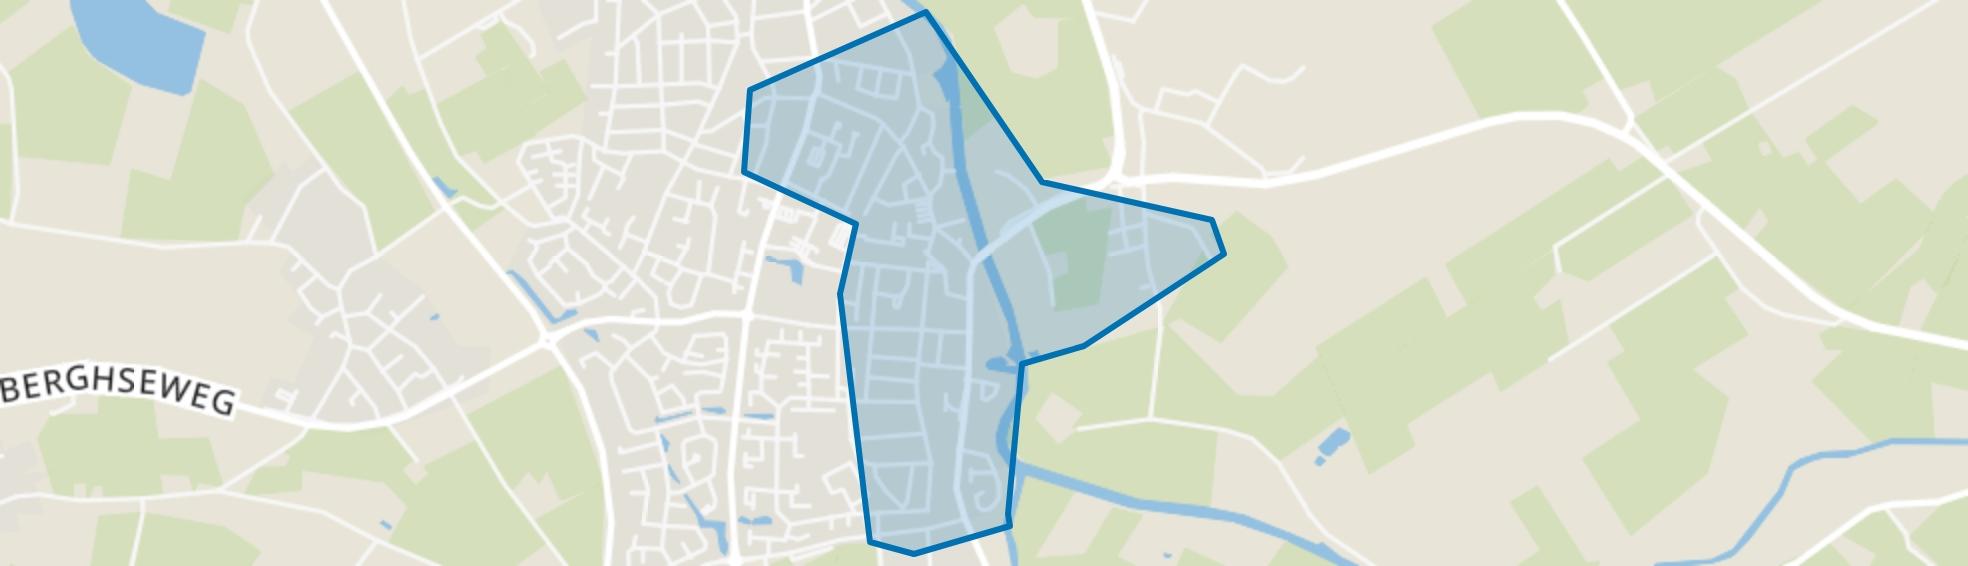 Ulft-Centrum en Ulft-Oost, Ulft map